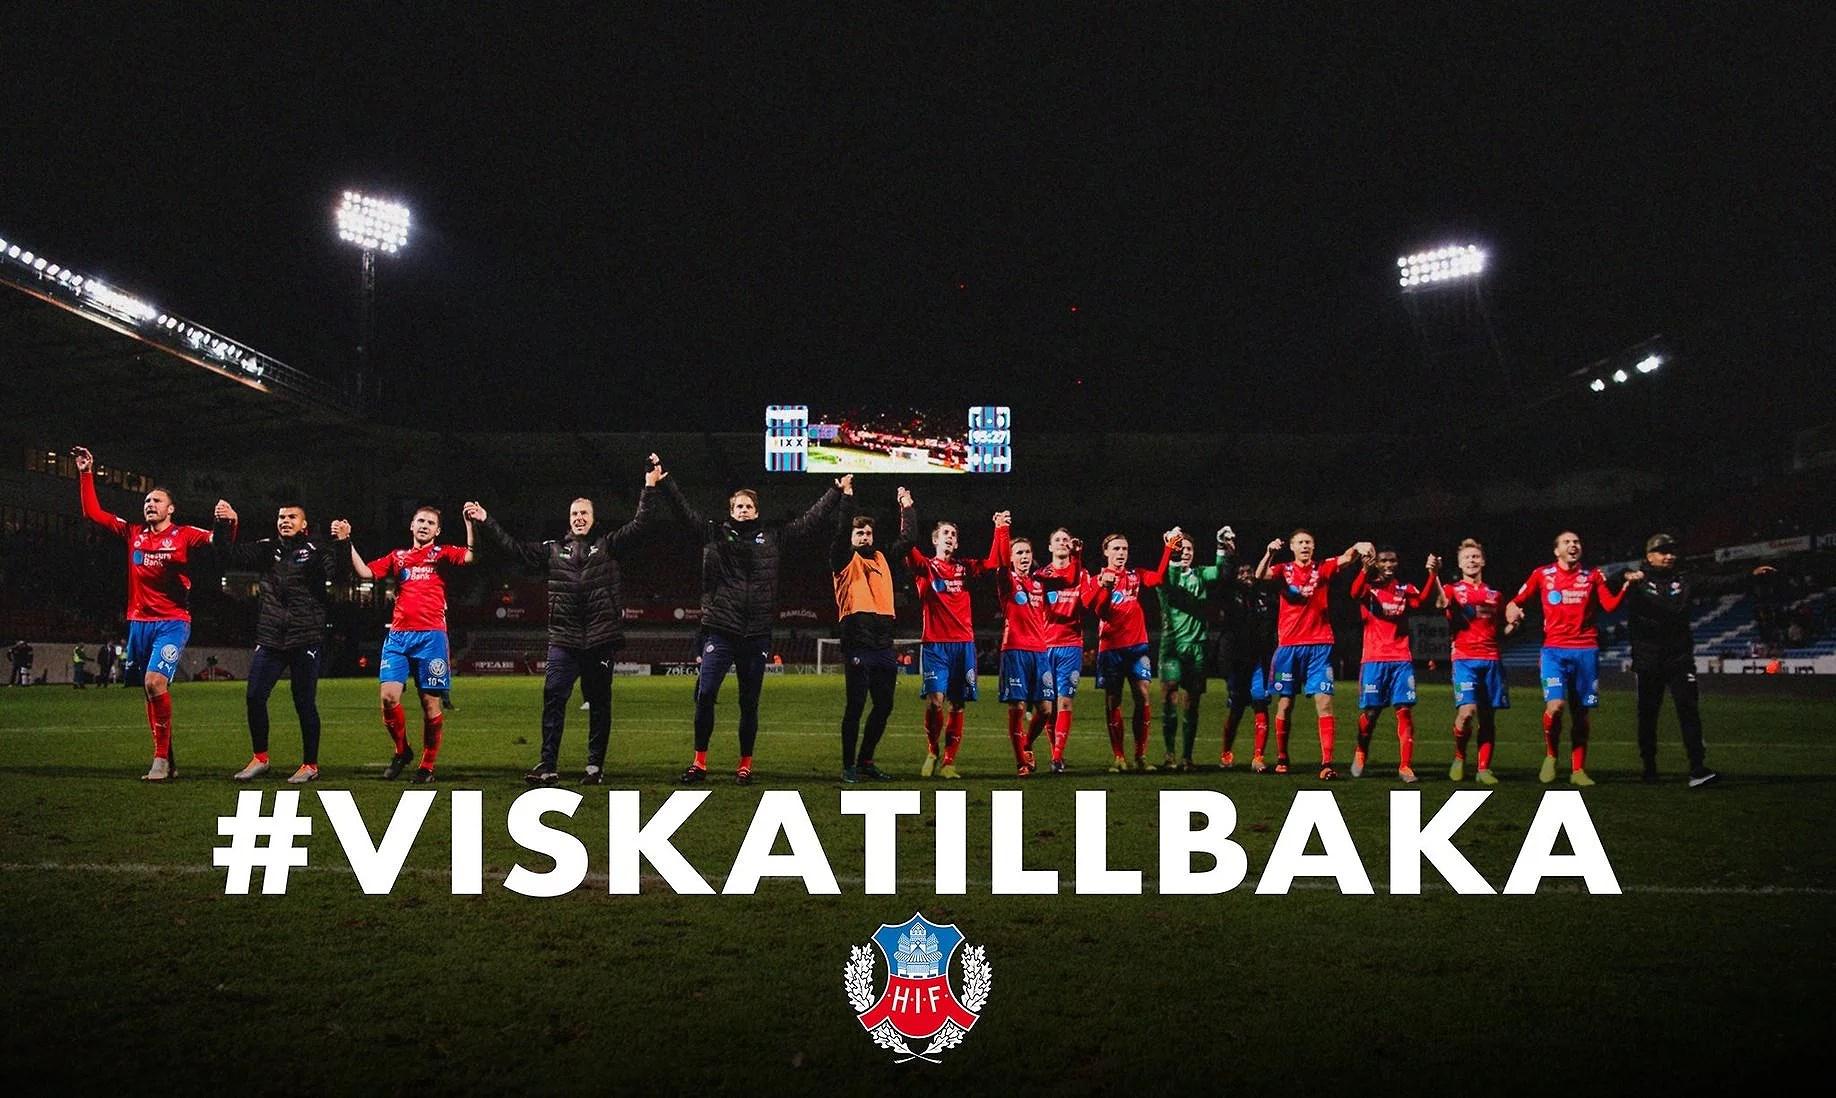 #viskatillbaka